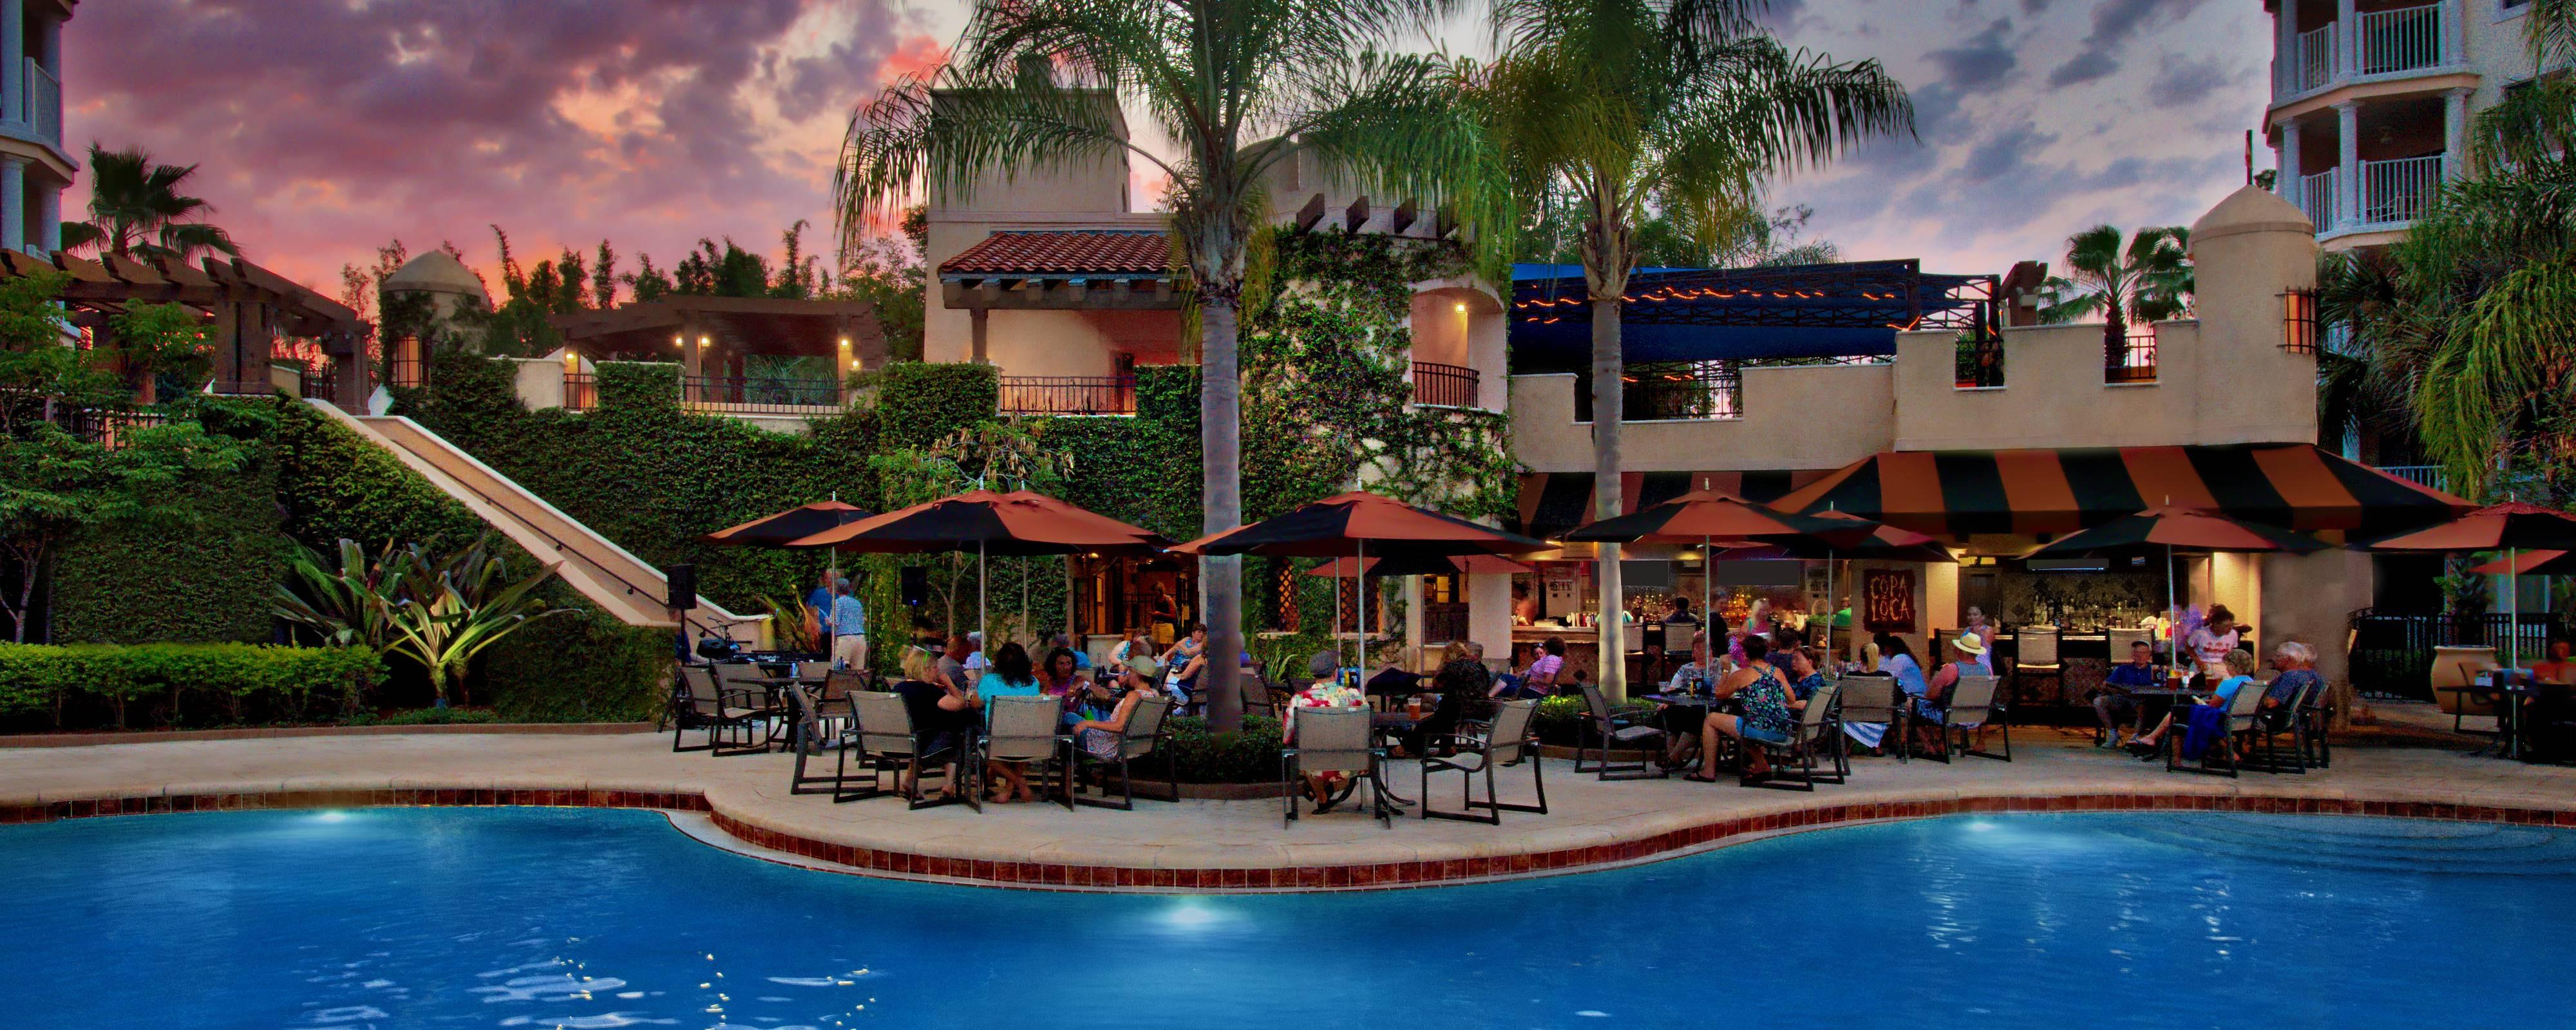 Outdoor Restaurants Orlando Casual Dining Marriott S